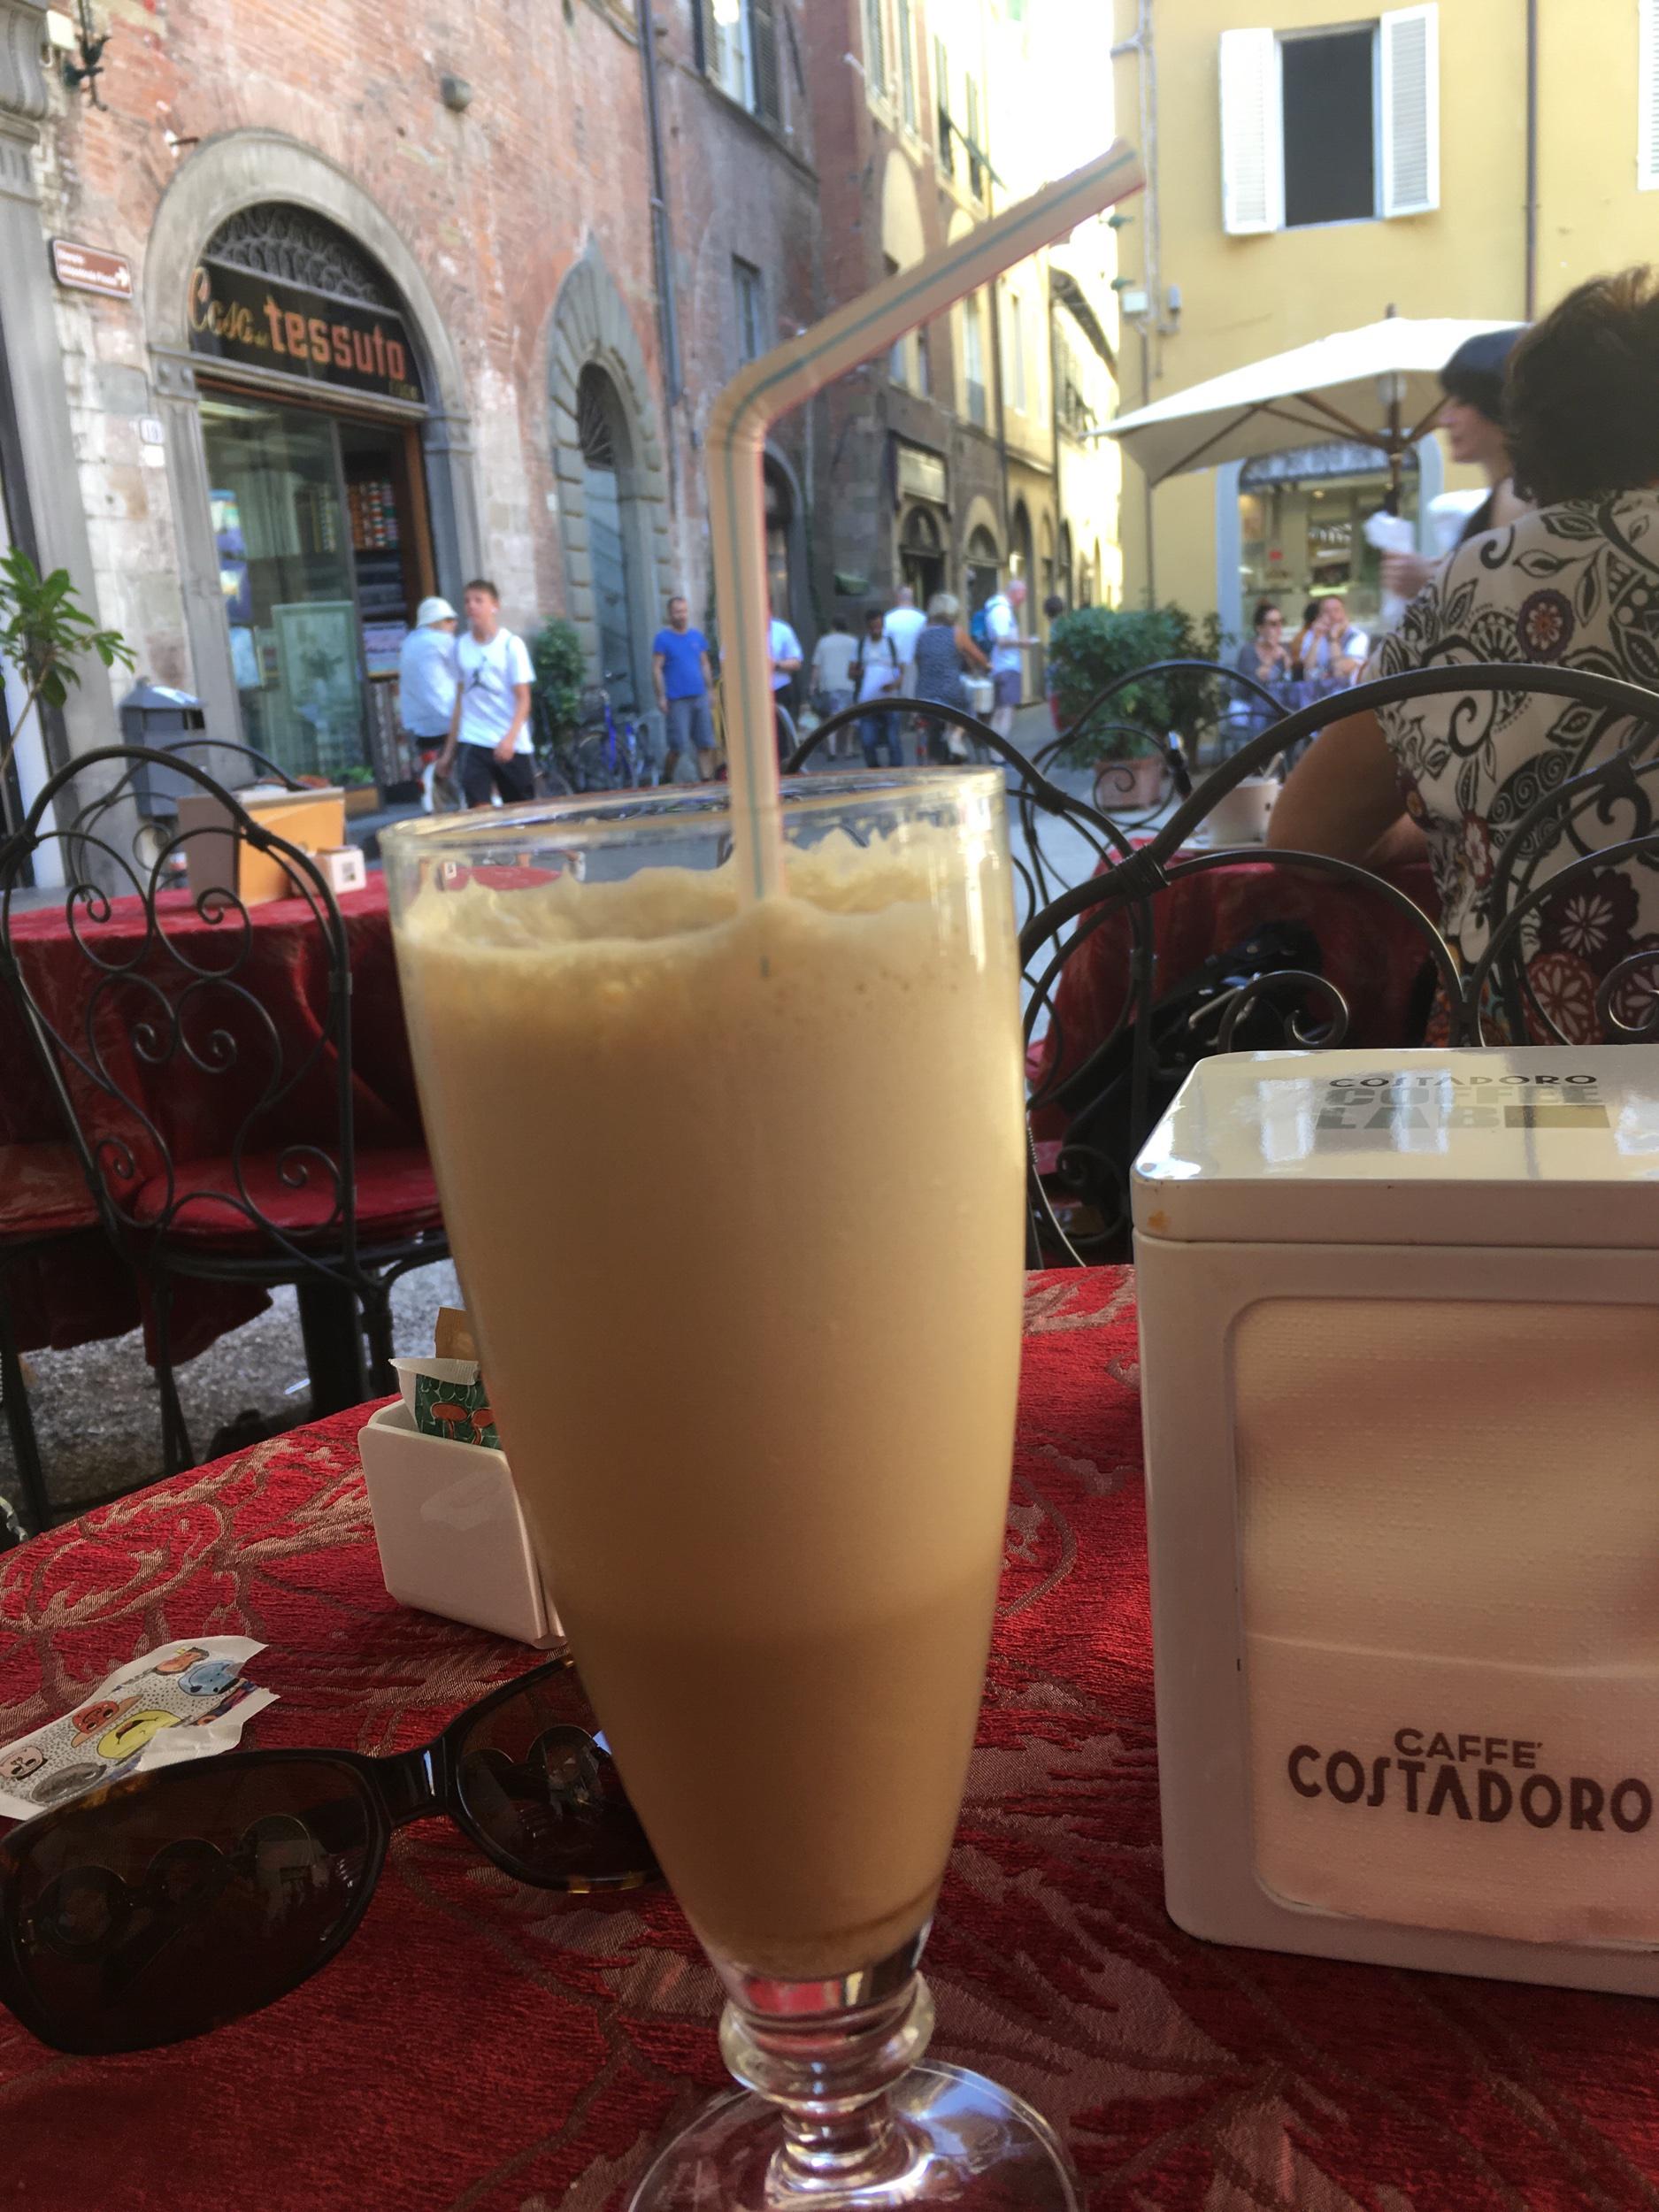 Caffè shakerato at Cafe Manon Lescaut, Piazza Cittadella, Lucca